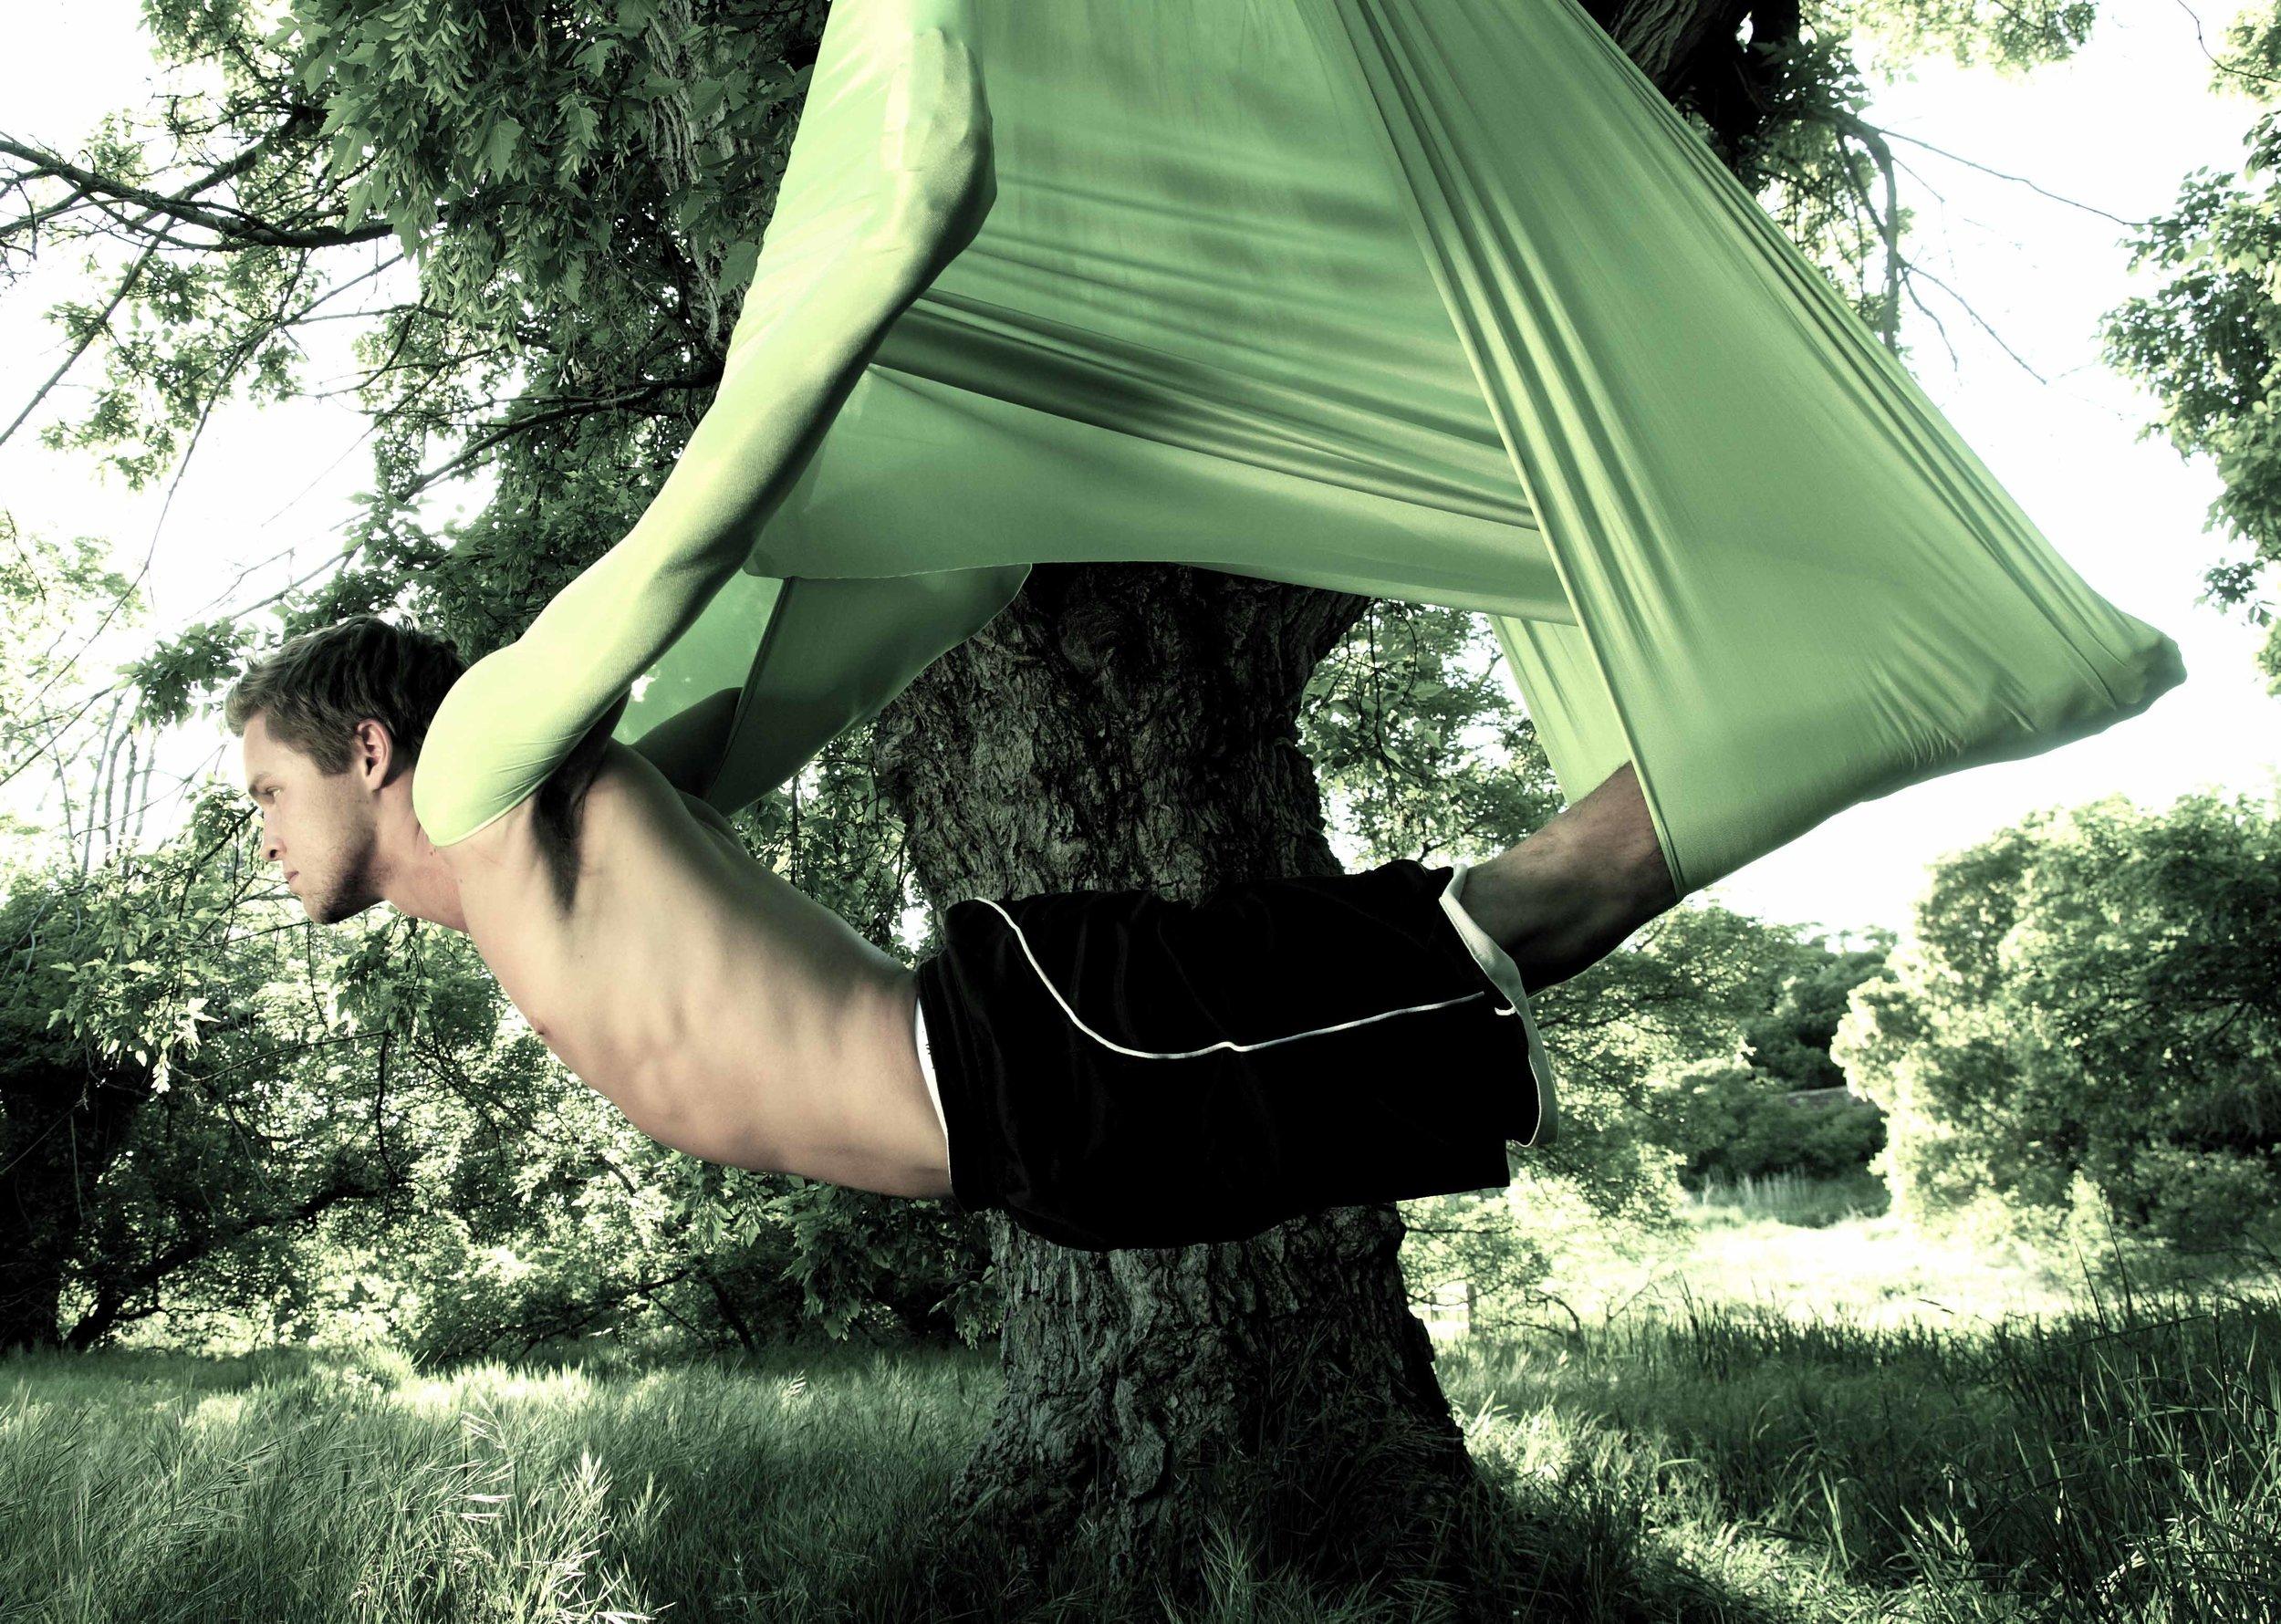 2012 - Tamer Begum (Vampire Pose) Tanner Park, UT